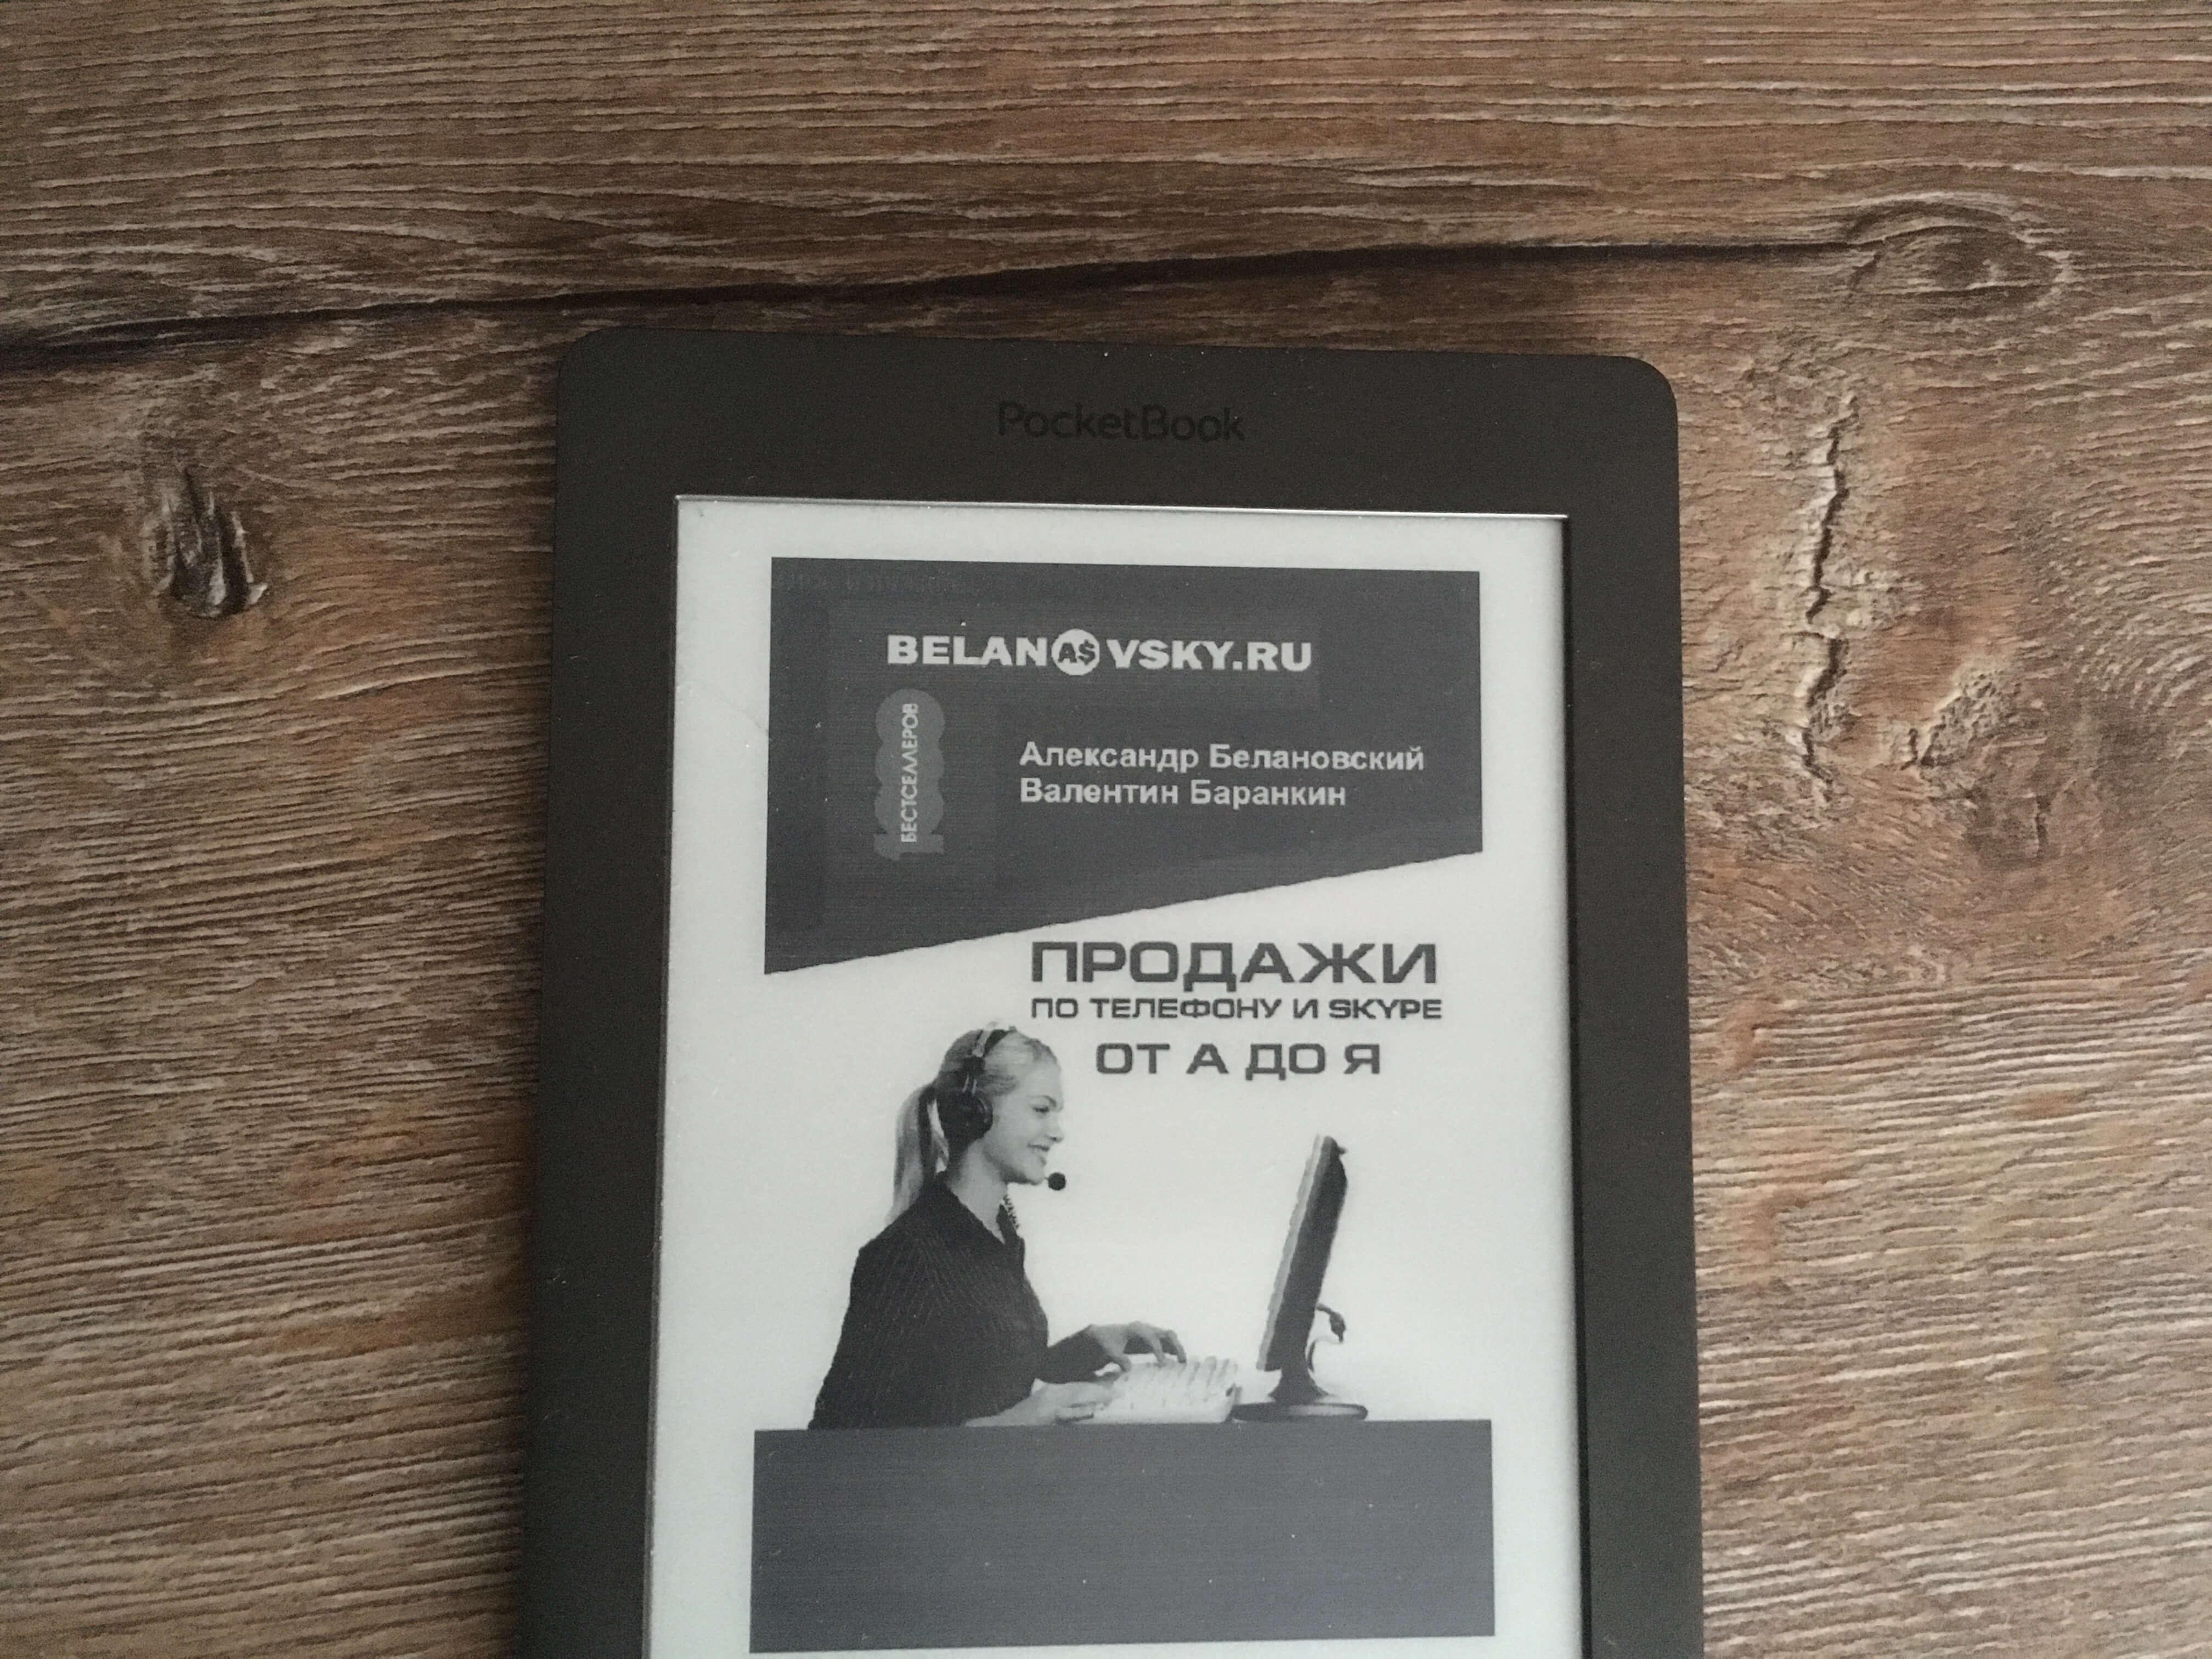 Рецензия на книгу А. Белановского Продажи по телефону и Skype от А до Я